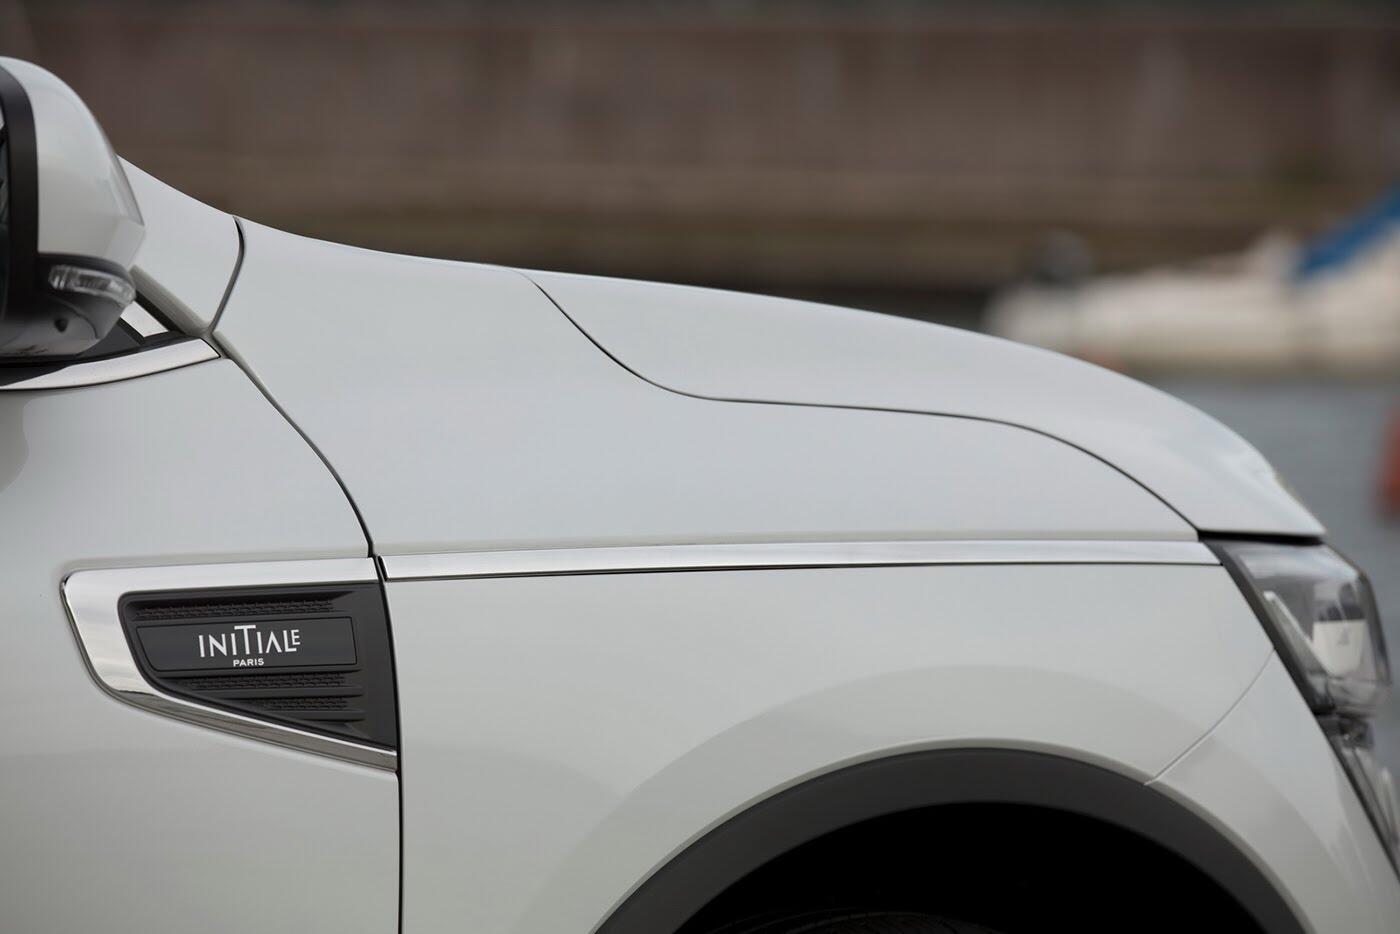 Xem thêm ảnh Renault Koleos 2017 - Hình 16